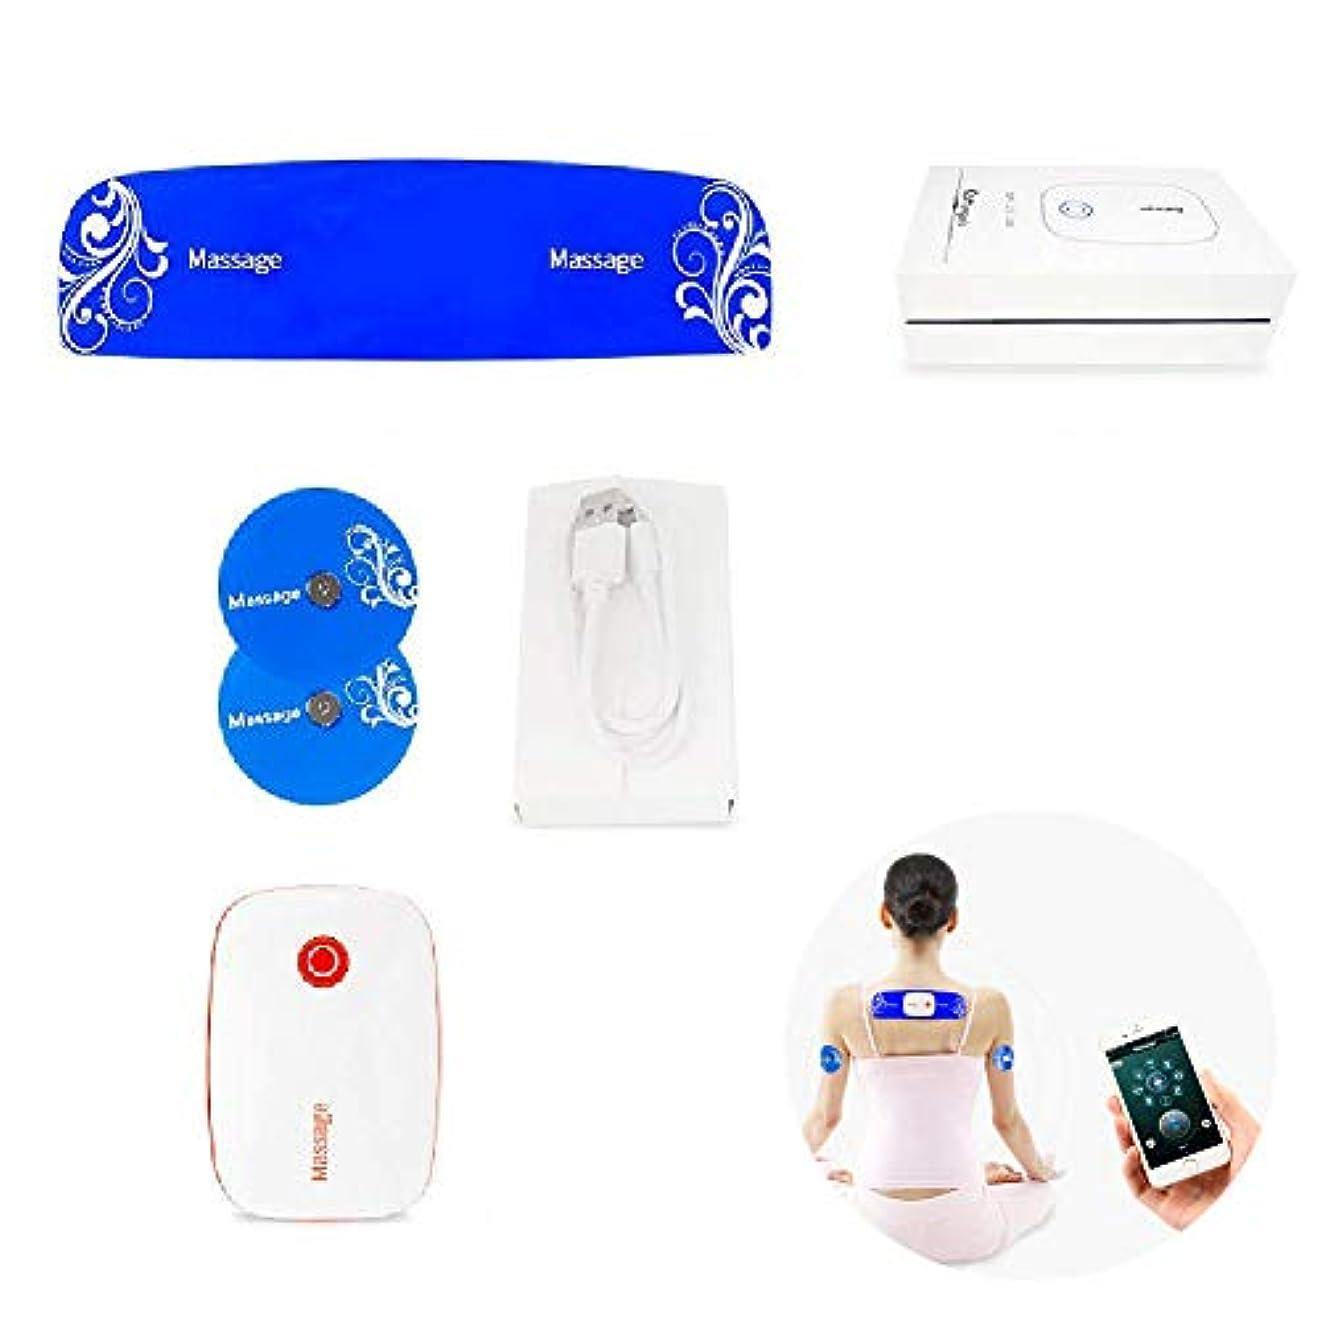 皮彼らのものラリーベルモント首の肩のマッサージャー深い組織のための電動ポータブルAPP Bluetoothコントロール車のホームとオフィス、調整可能なスピード